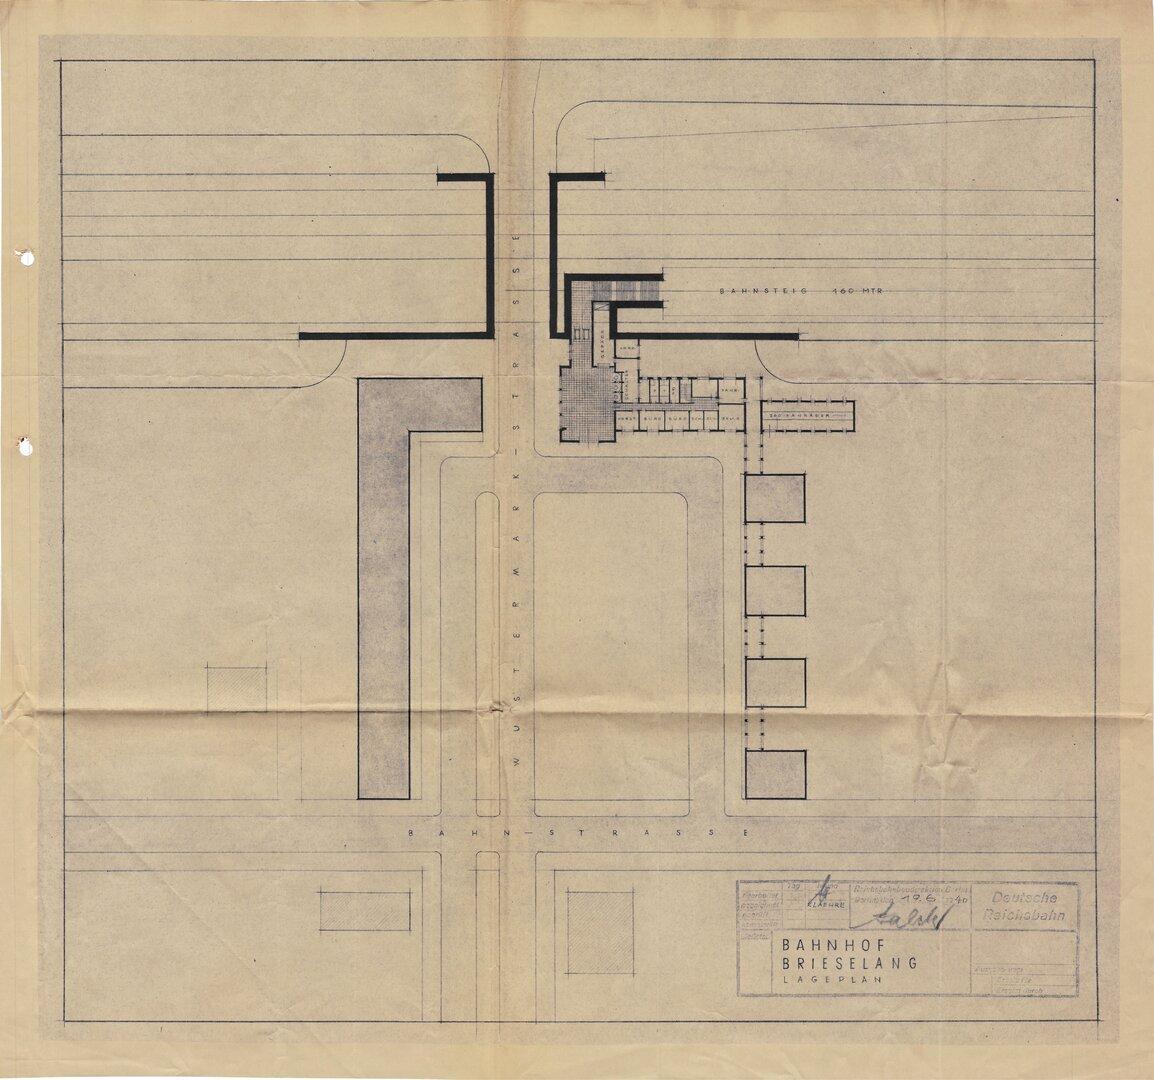 5BLA25_Lageplan_1940.jpg